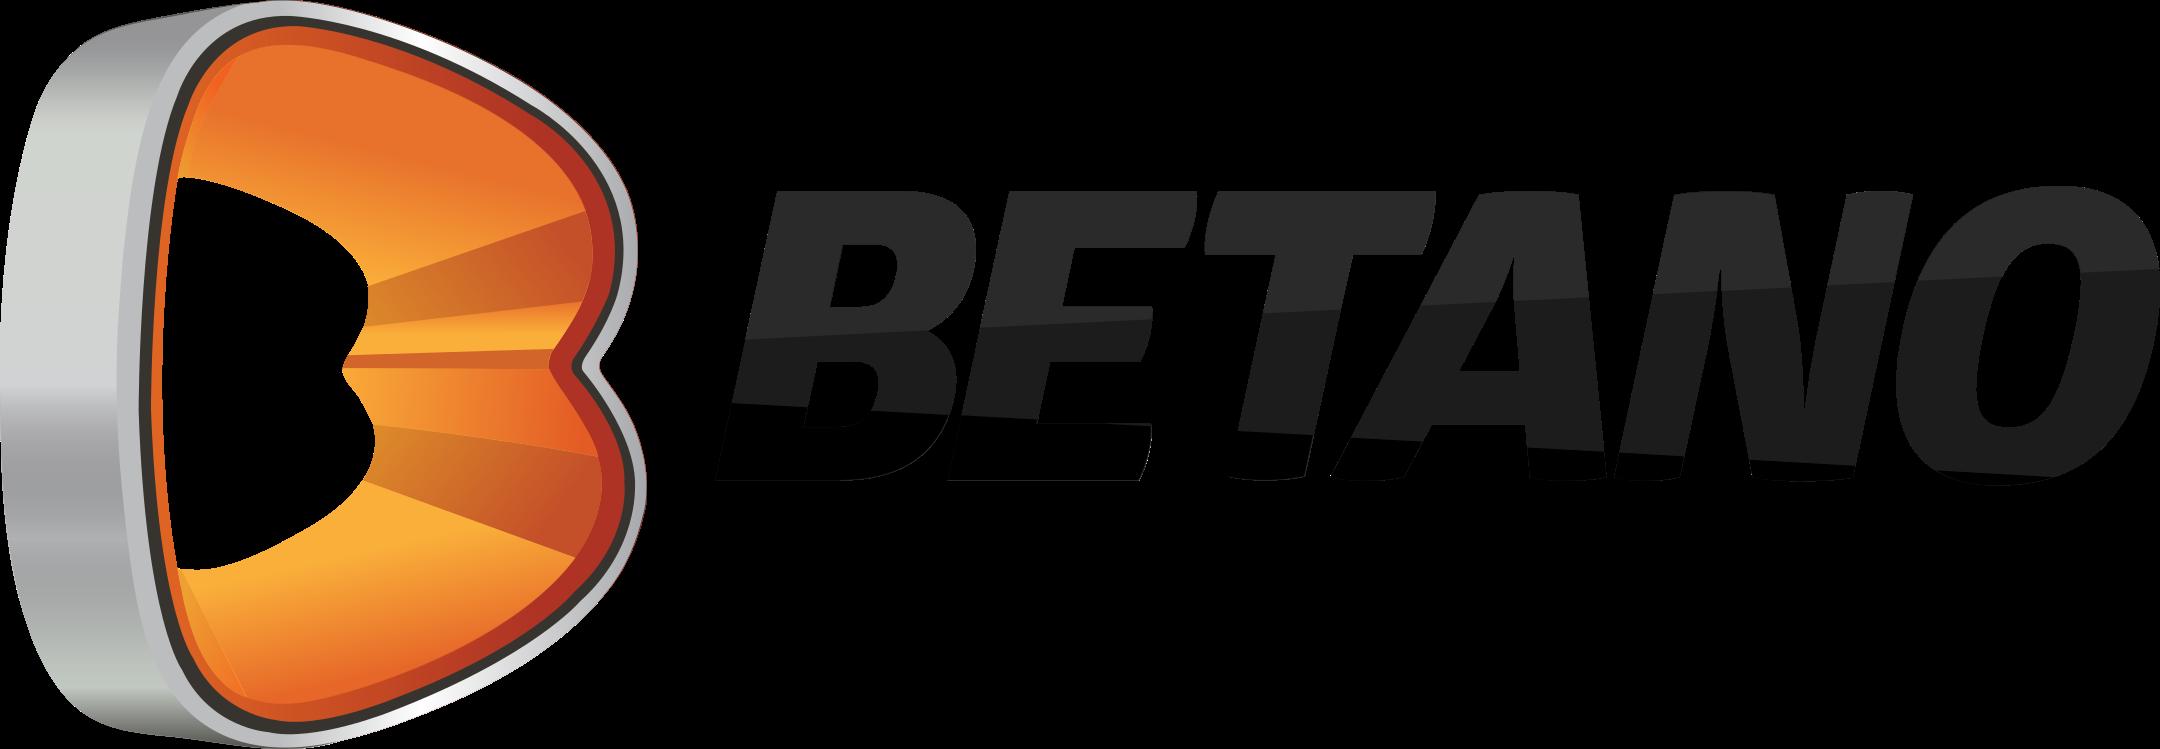 betano logo 1 - Betano Logo